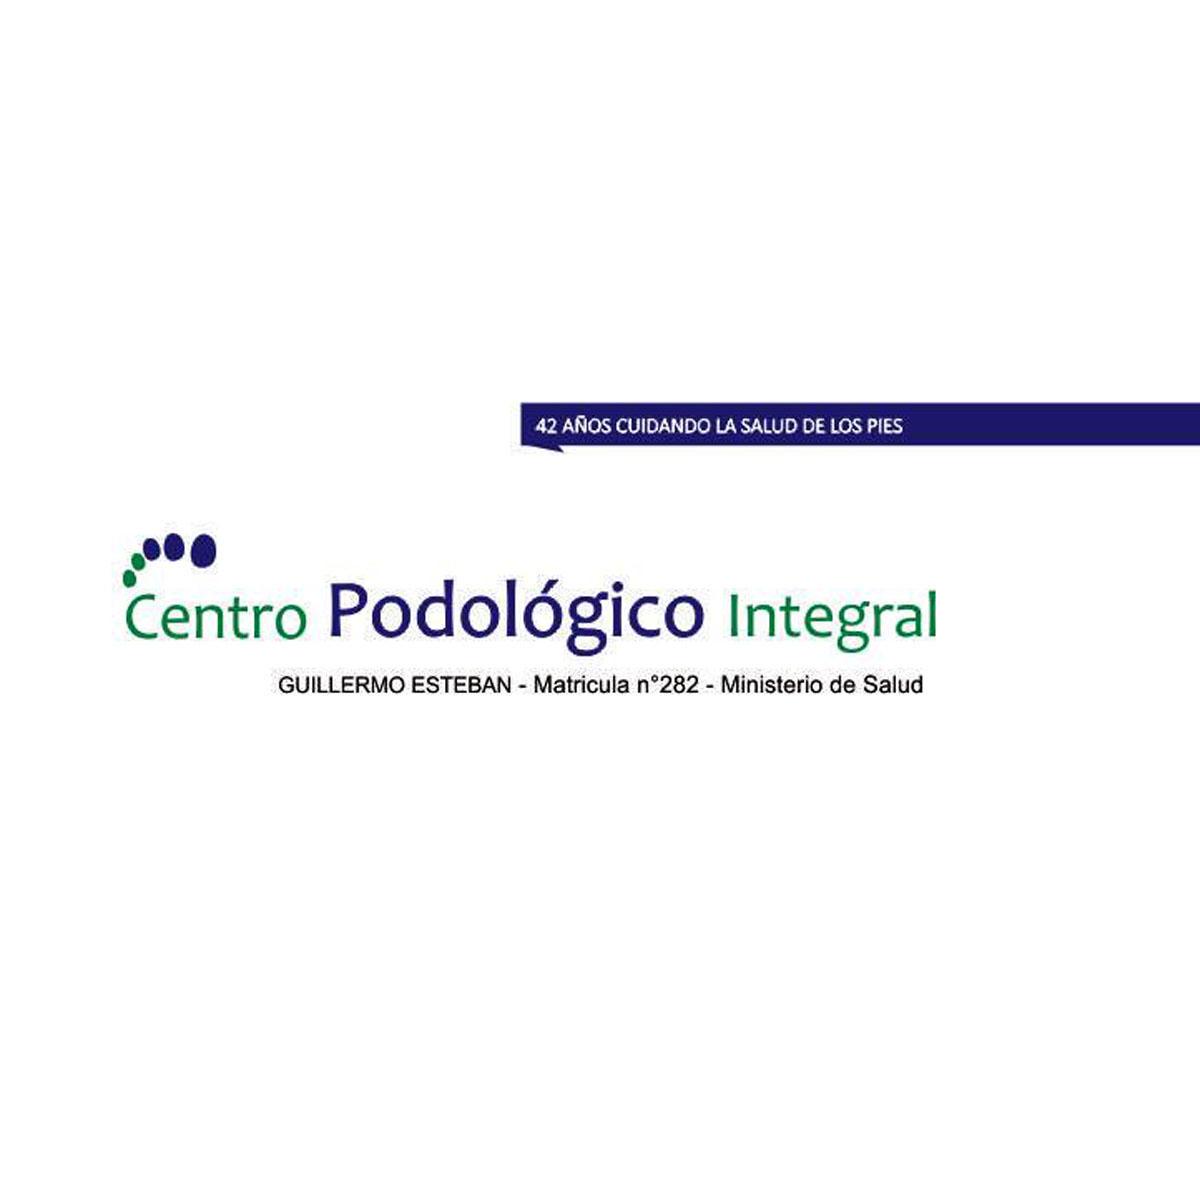 CENTRO PODOLÓGICO INTEGRAL